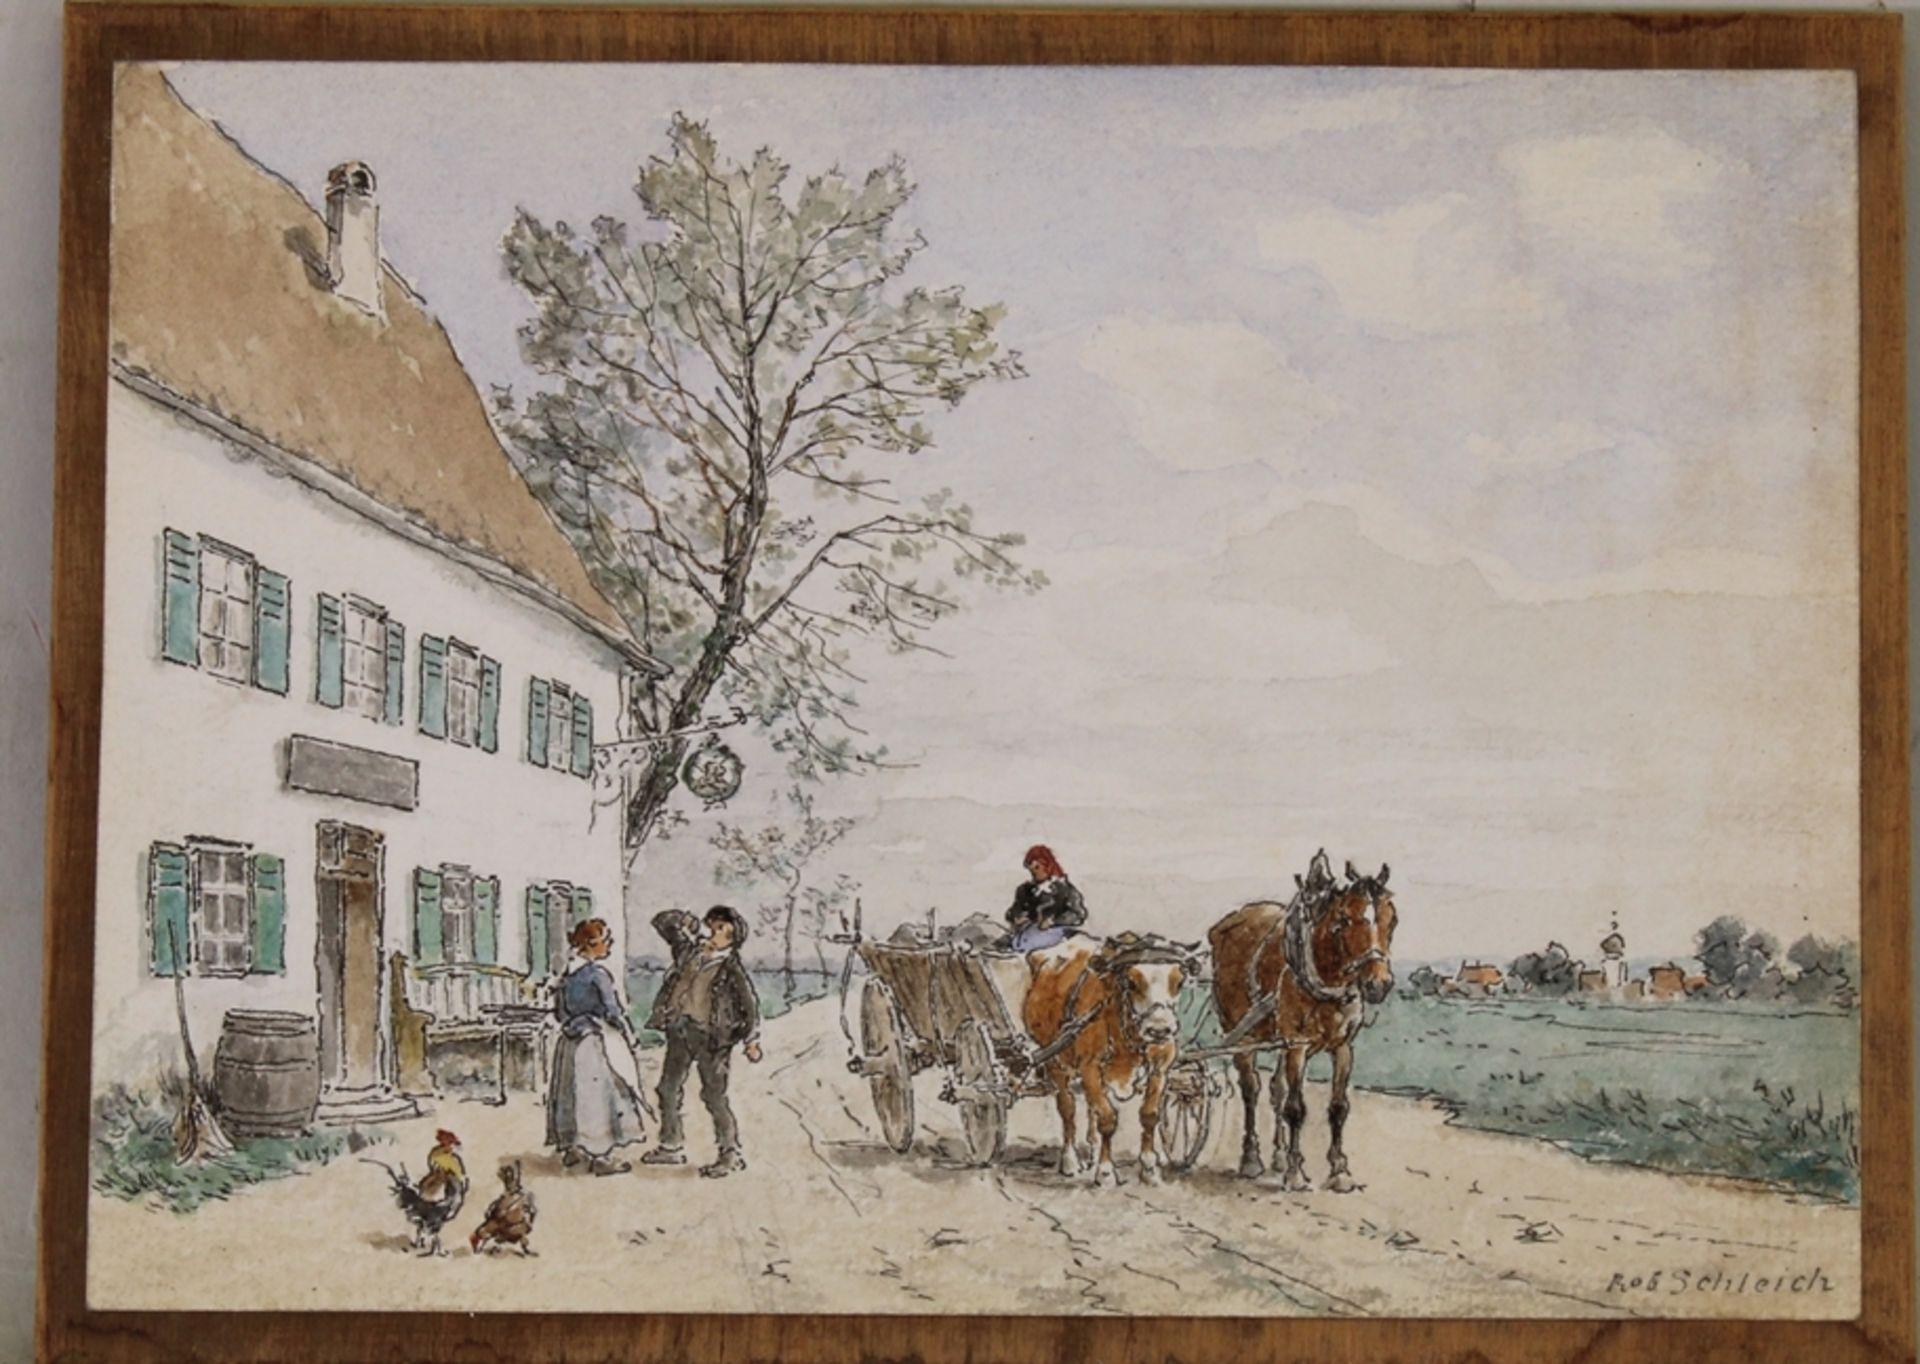 Schleich, Robert (München 1845 - 1934 ebda., Schüler Wilhelm von Diez', beeinflusst durch Eduard Sc - Bild 3 aus 5